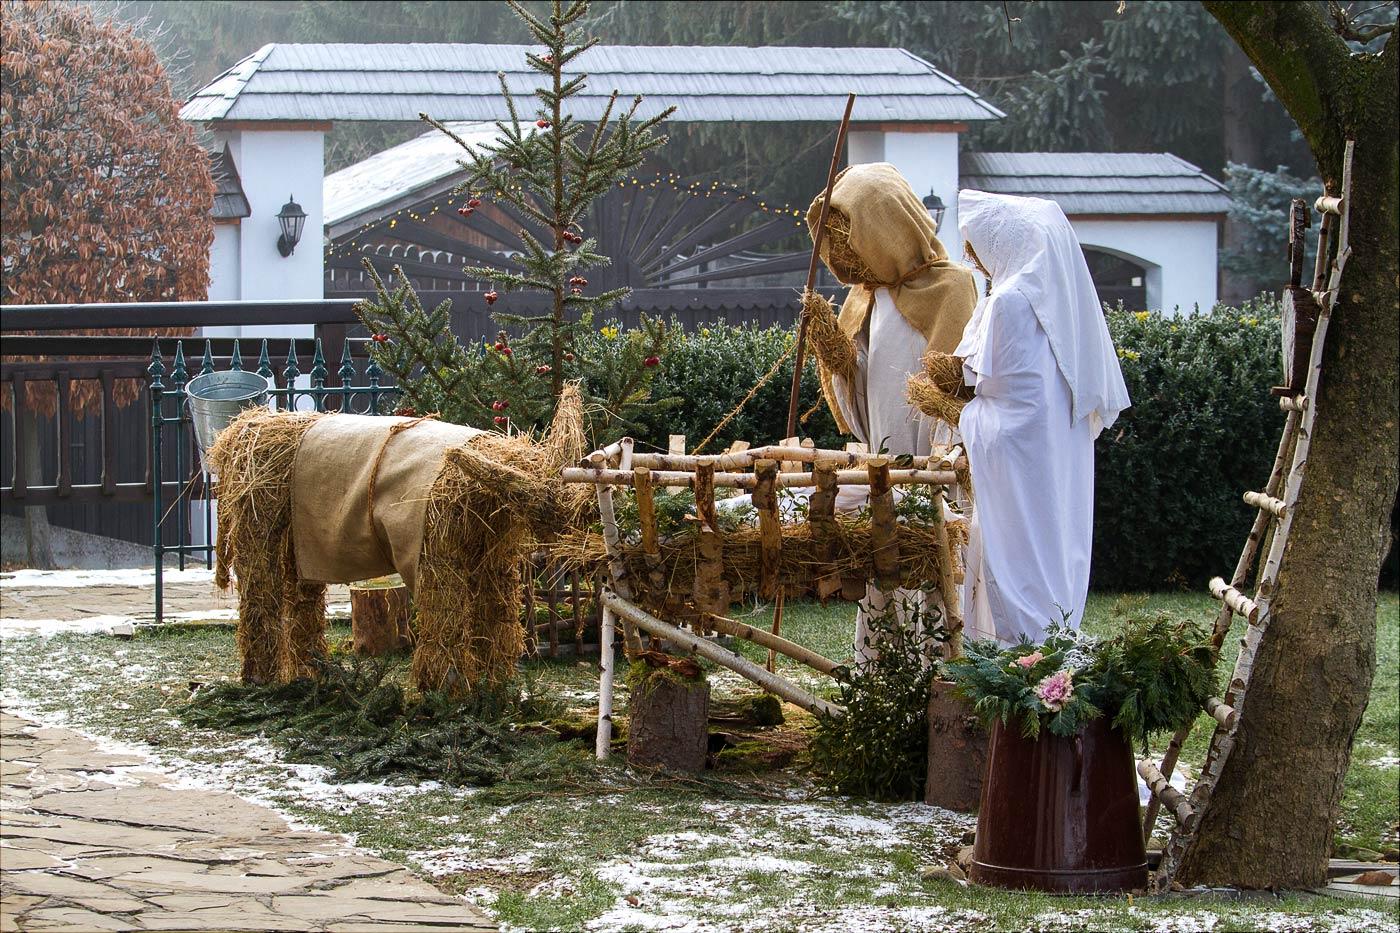 Рождественская сценка из соломенных фигур, пансион Брусенка в Моравии